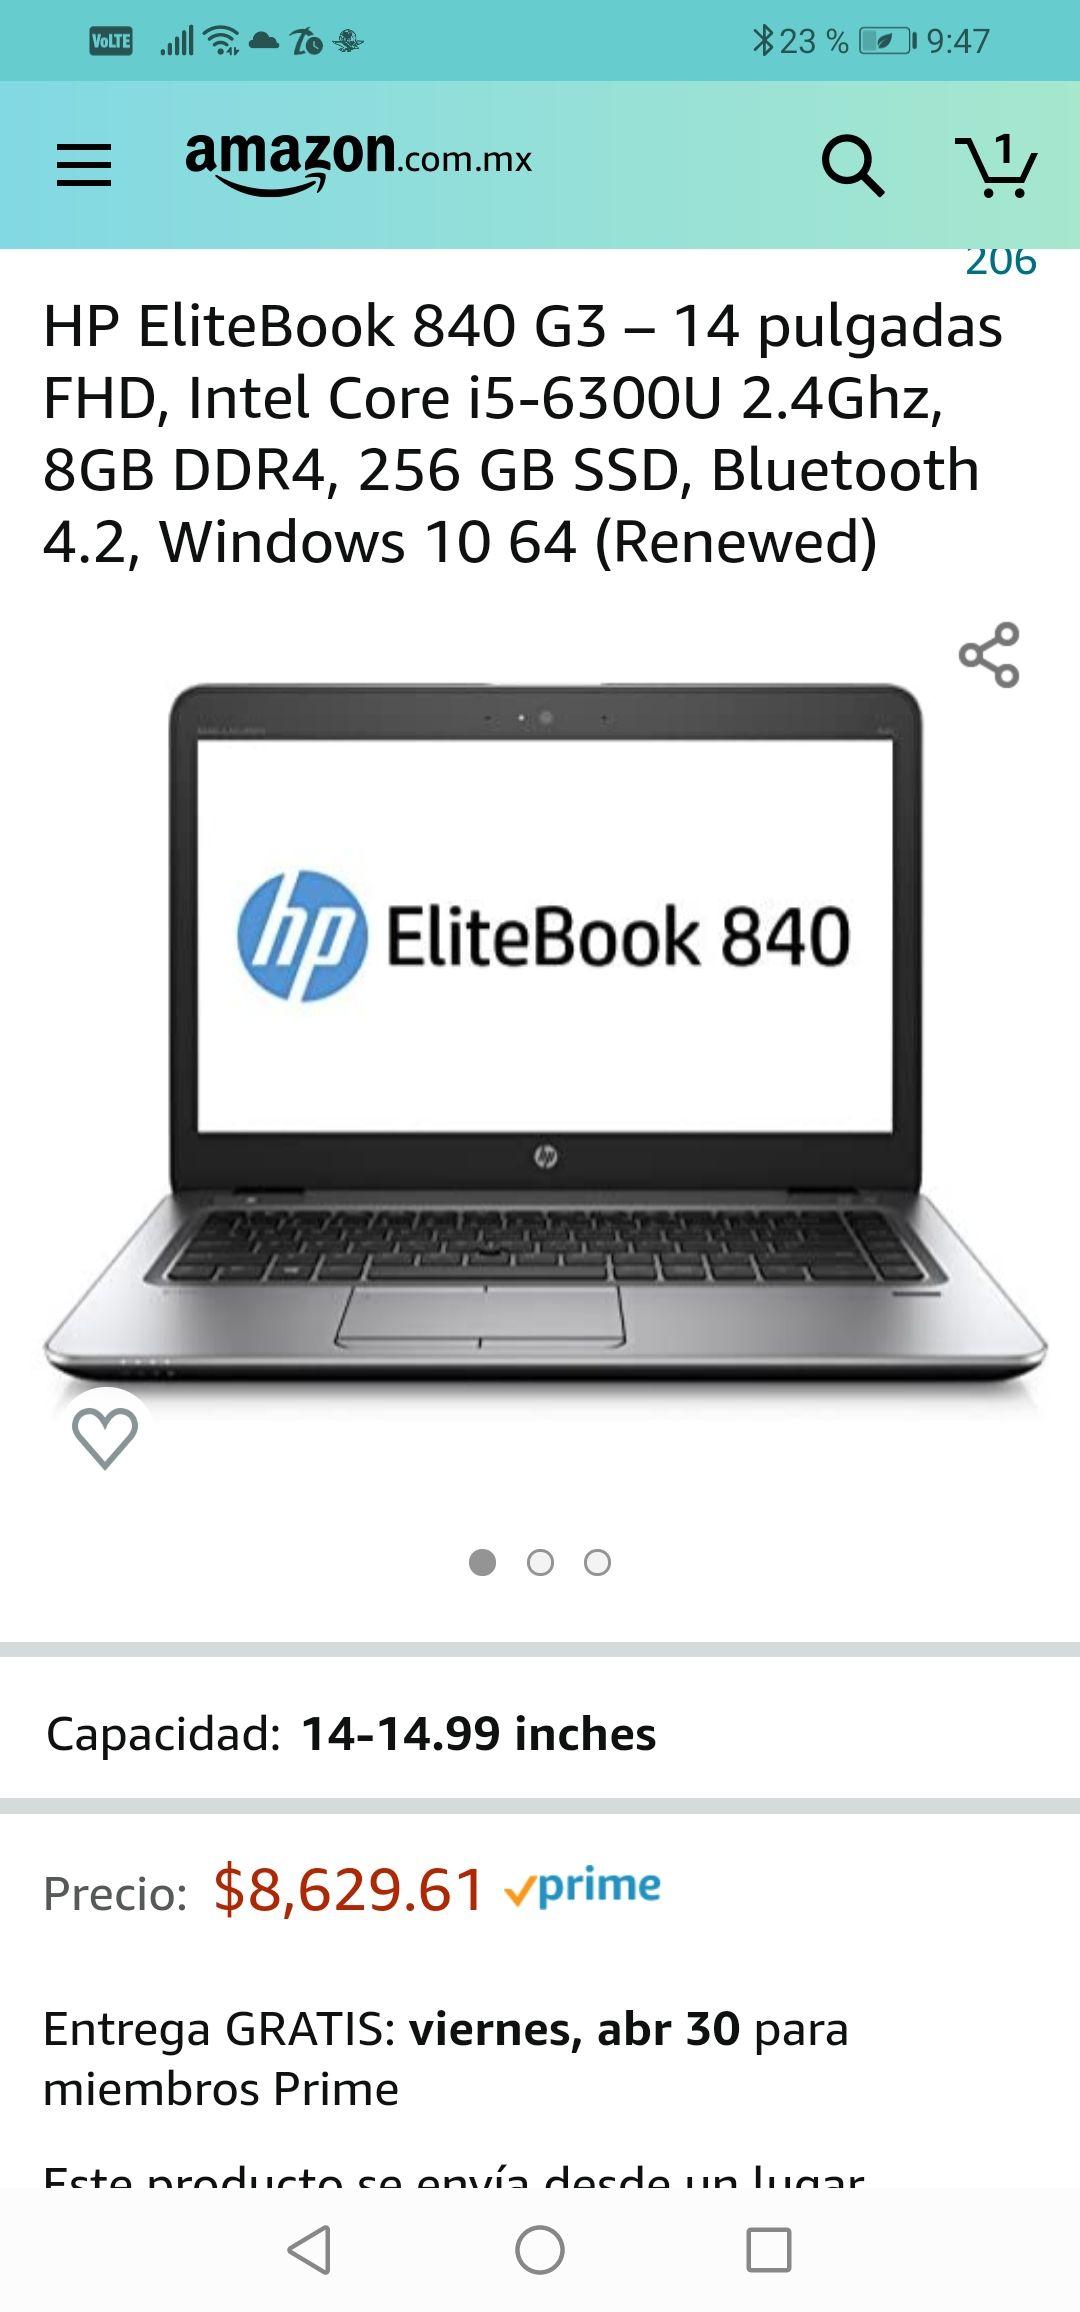 """Amazon: Laptop HP EliteBook 840 G3 – 14"""" FHD, Intel Core i5-6300U 2.4Ghz, 8GB DDR4, 256 GB SSD, Bluetooth 4.2, Windows 10 64 (Renewed)"""